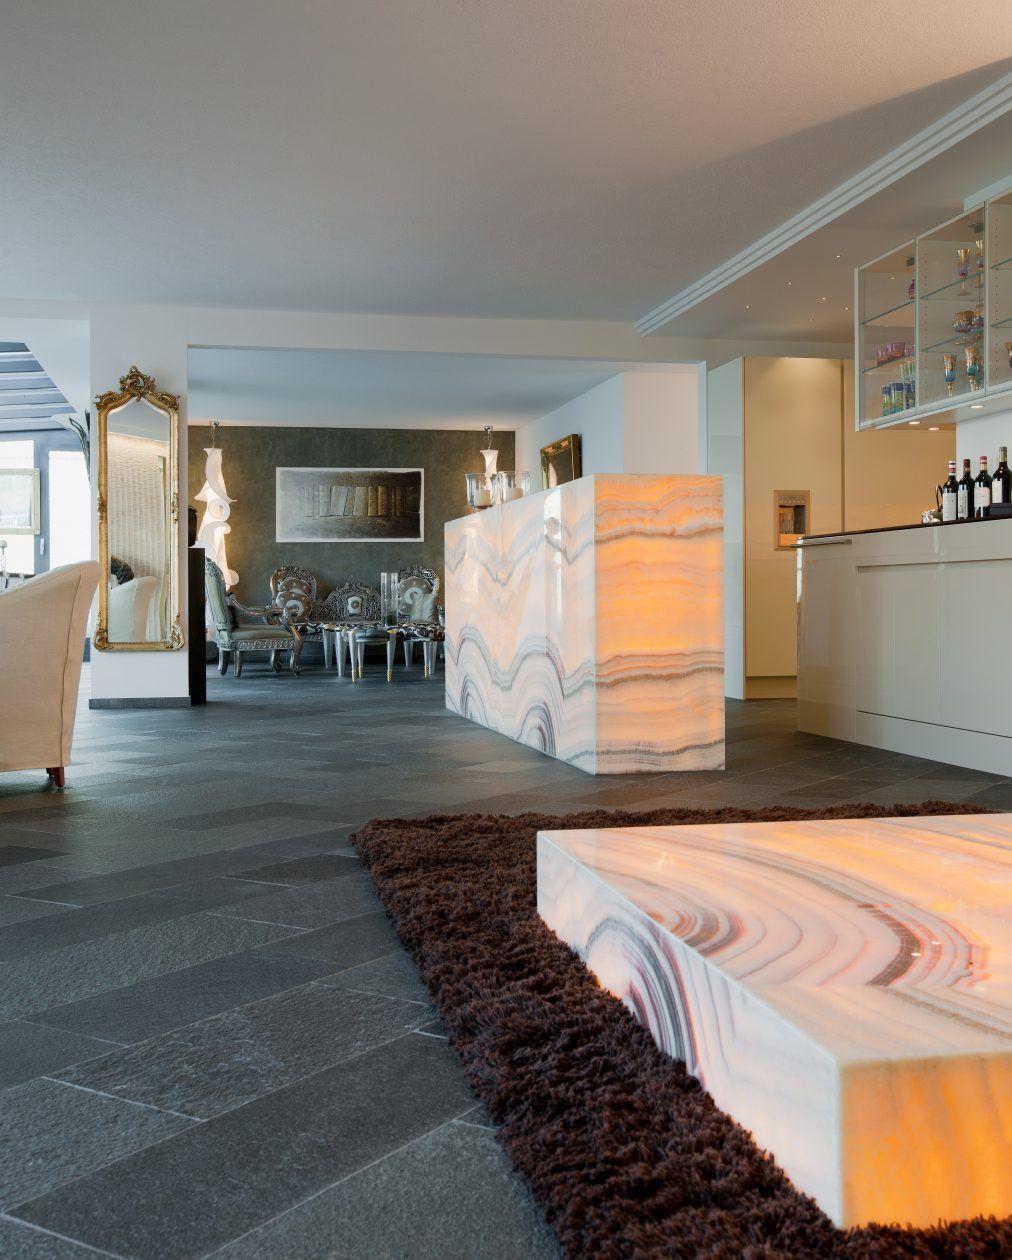 hinterleuchtete bar als lichtquelle zwischen k che und wohnzimmer k che pinterest k che. Black Bedroom Furniture Sets. Home Design Ideas